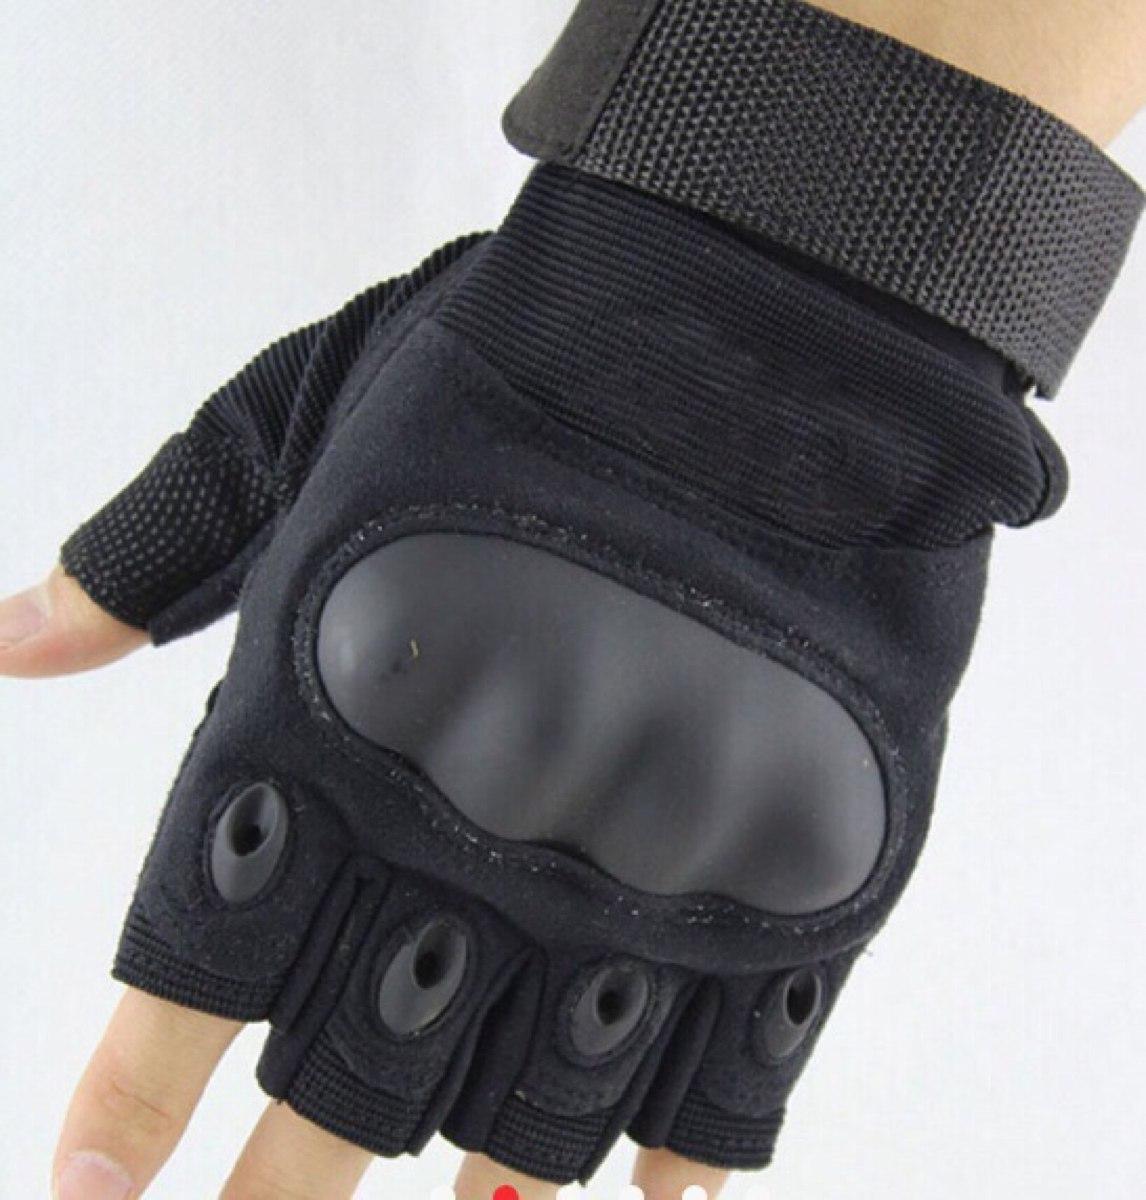 mitones guantes militar policial airsoft painball